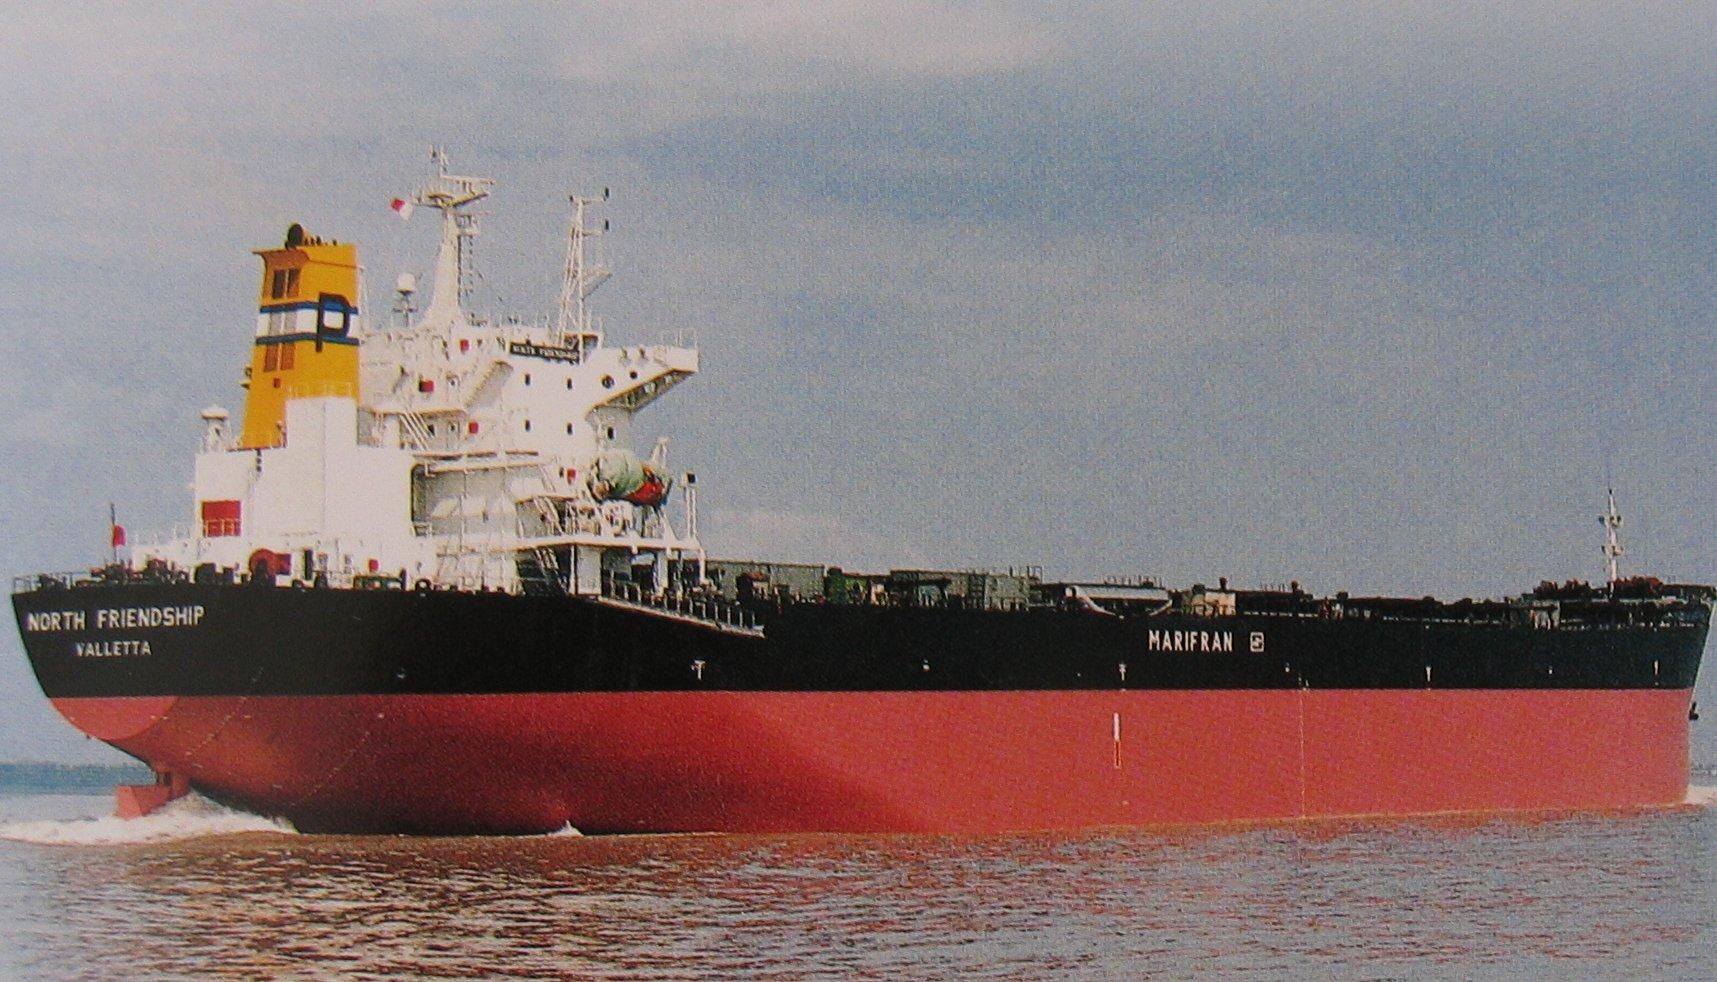 77080_741500_DWT_Bulk_Cargo_Carrier_122_903lo.JPG